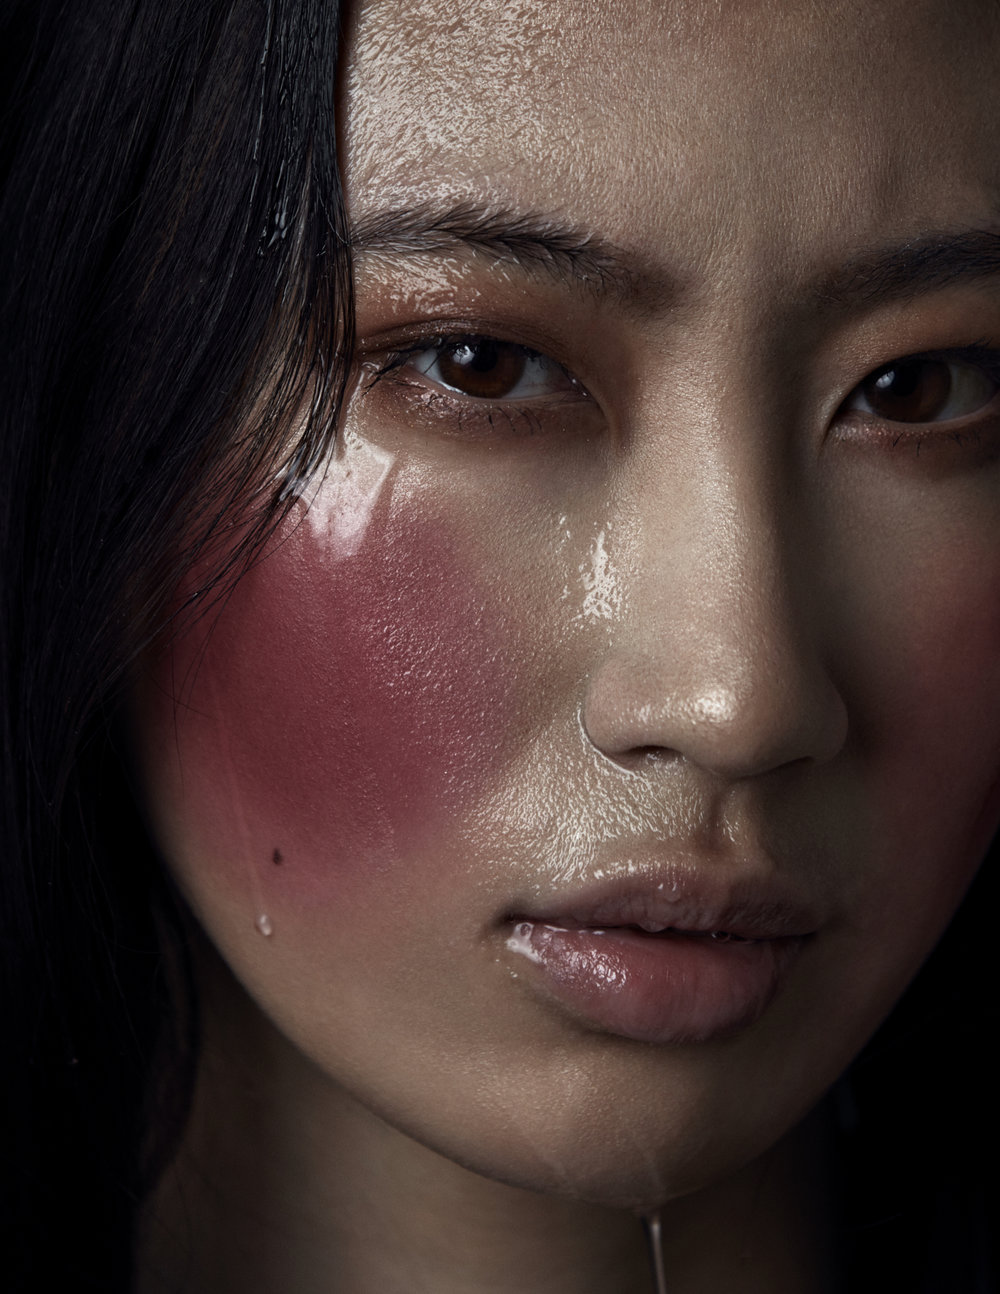 Emilie Tournevache Fashion Beauty Portrait Photographer Montreal CW1